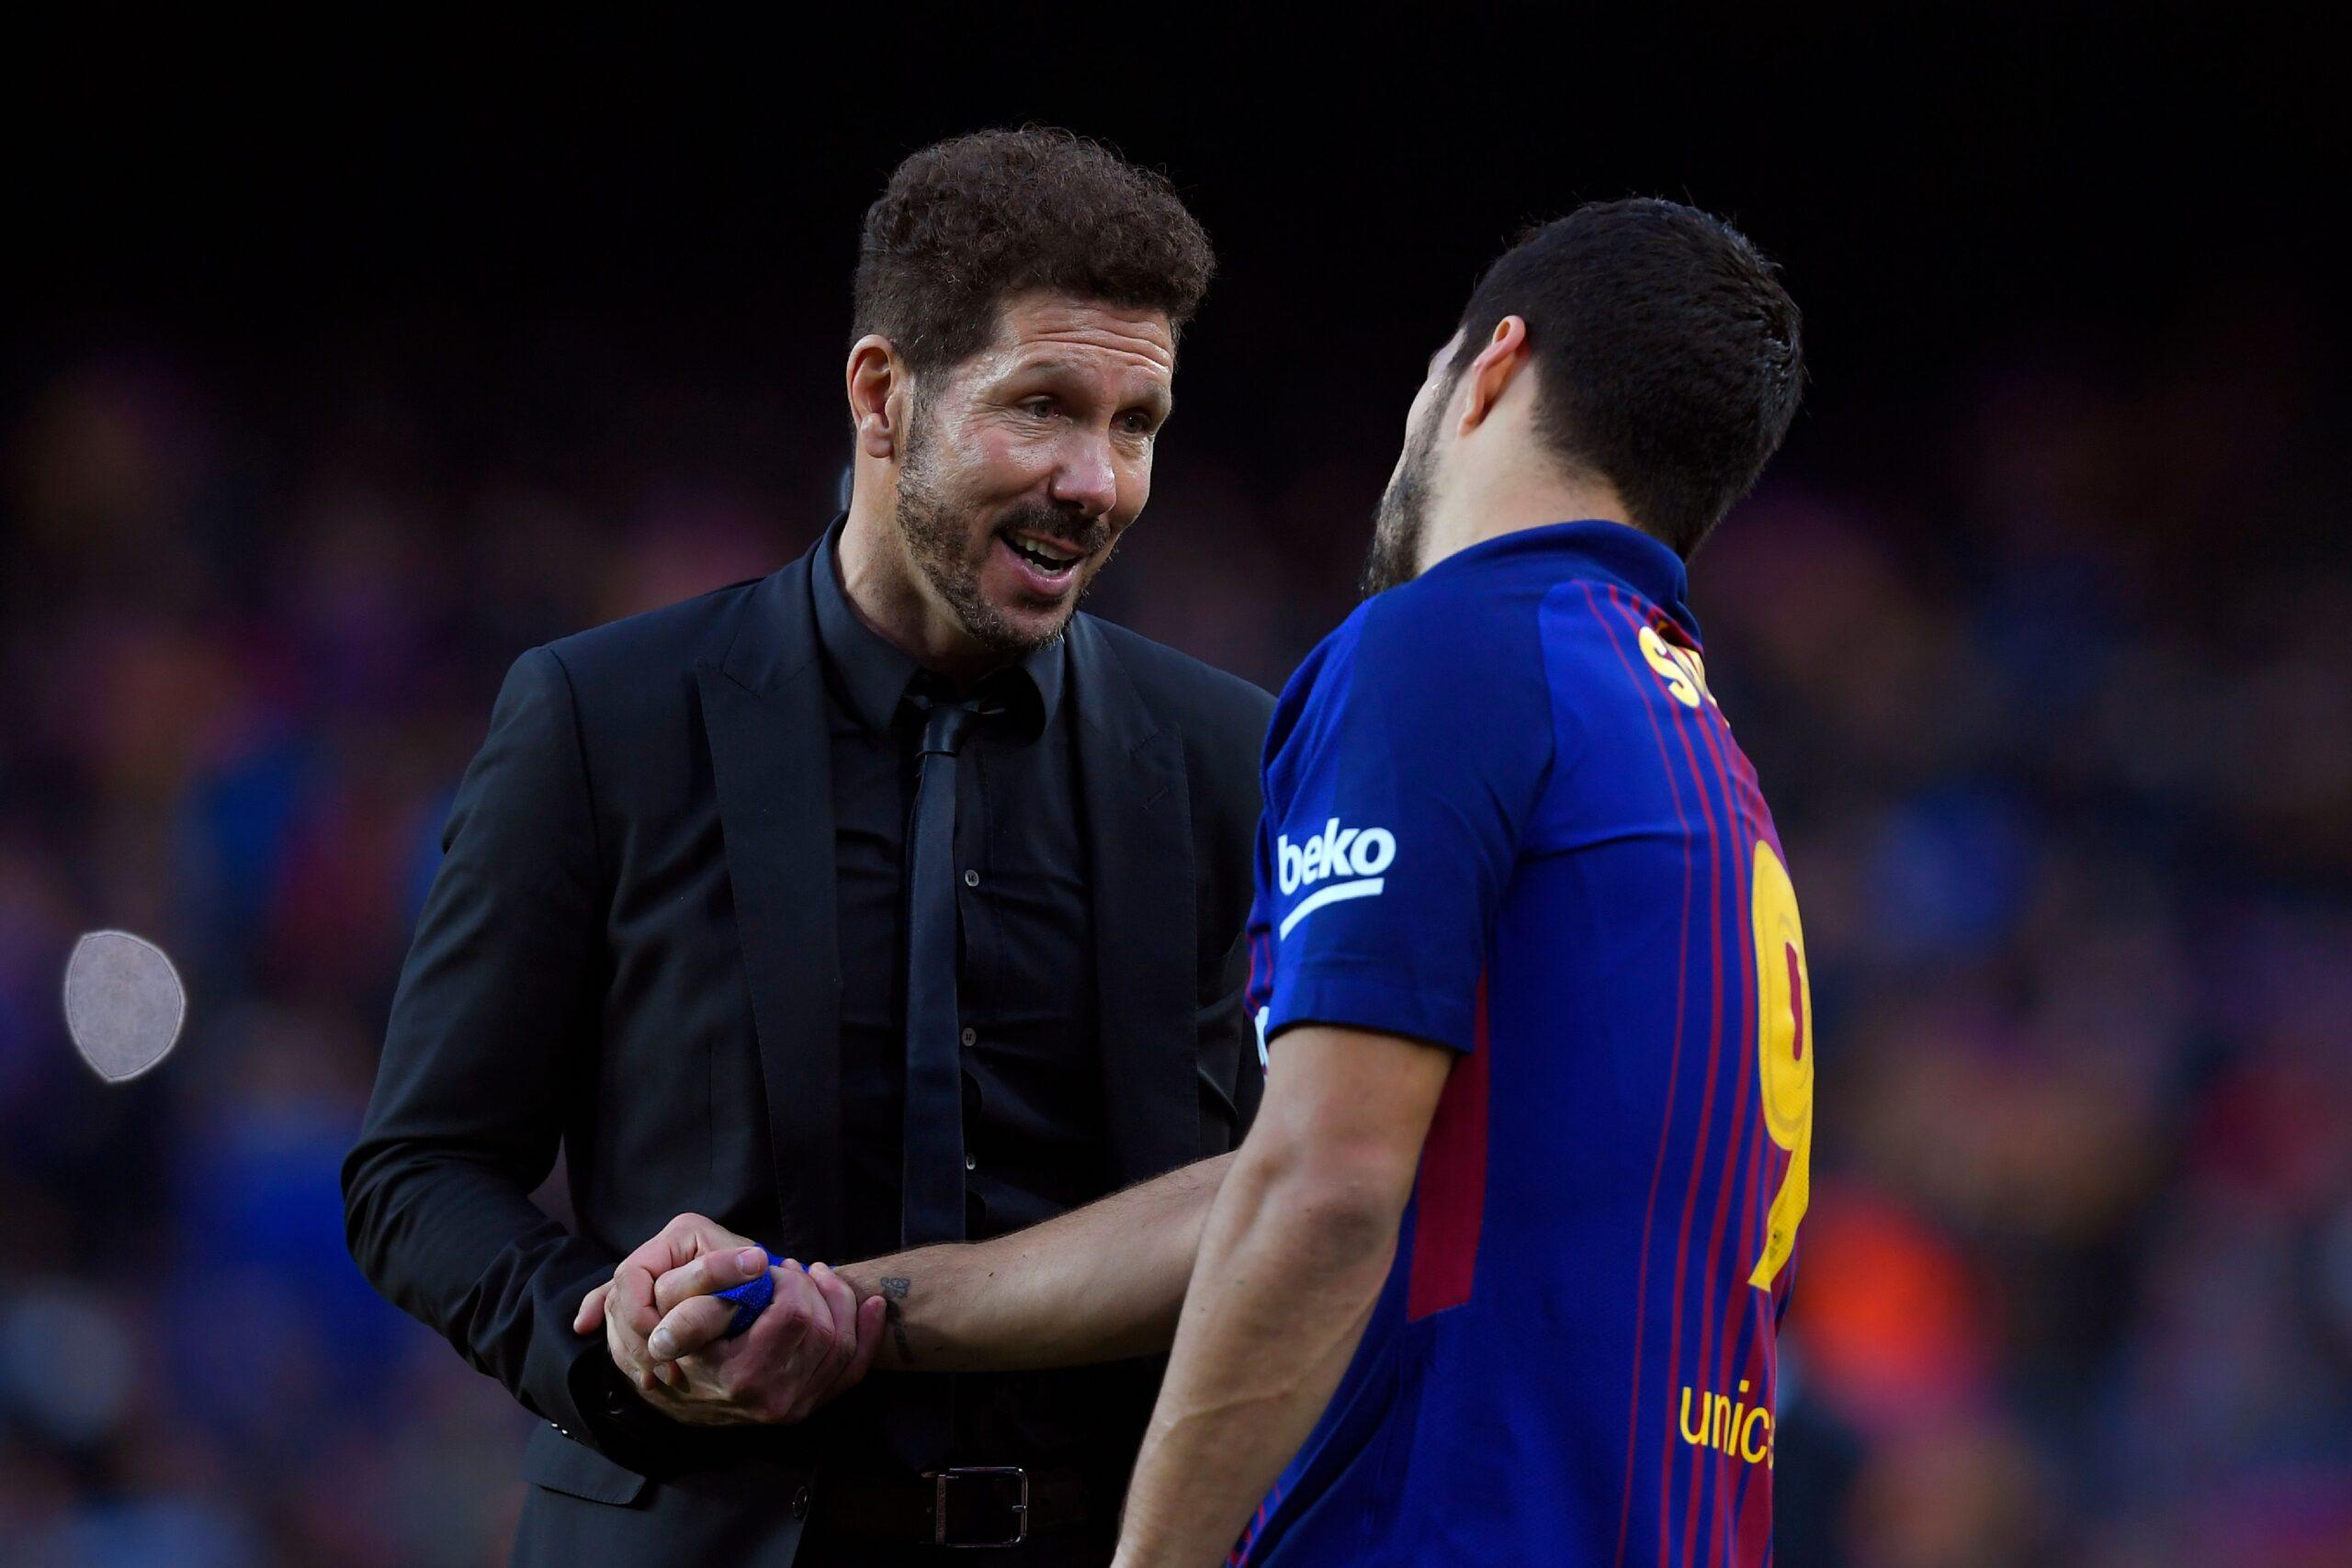 Suárez explica en este vídeo por qué quiere el Atlético